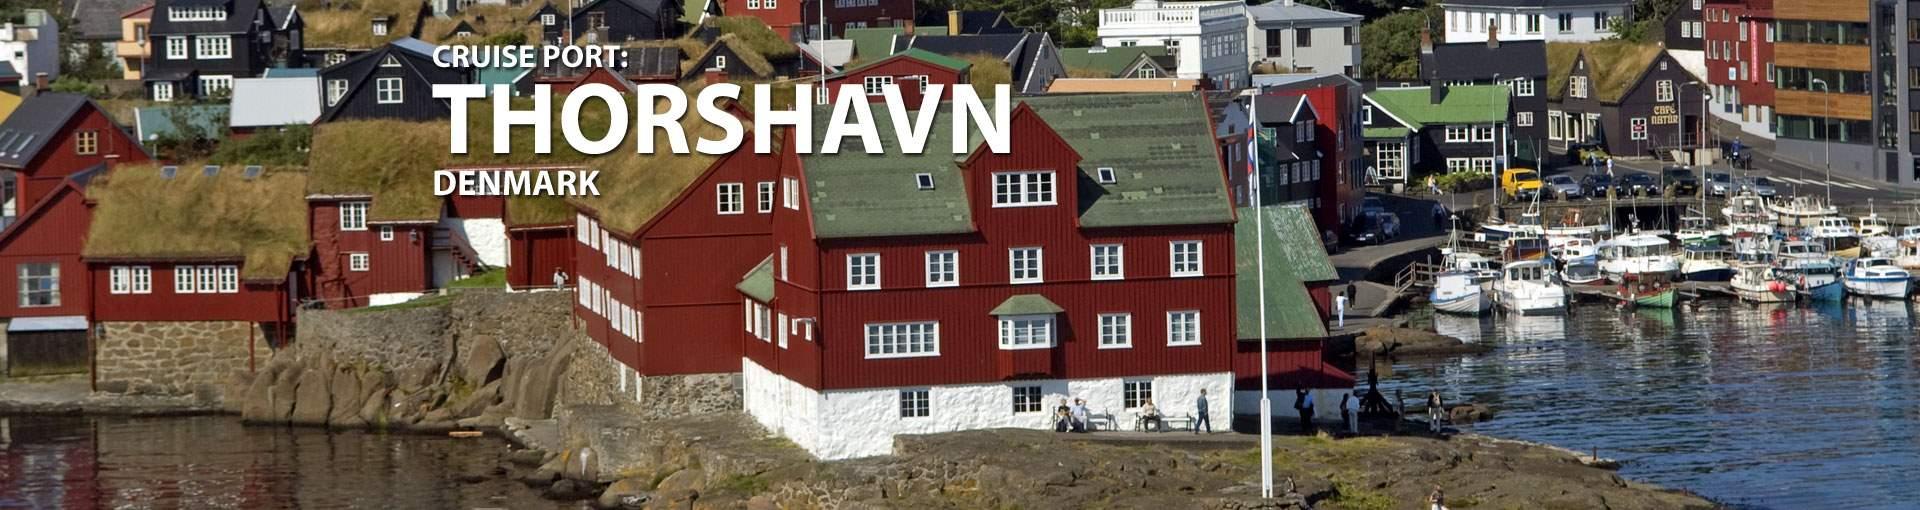 Cruises to Thorshavn, Denmark